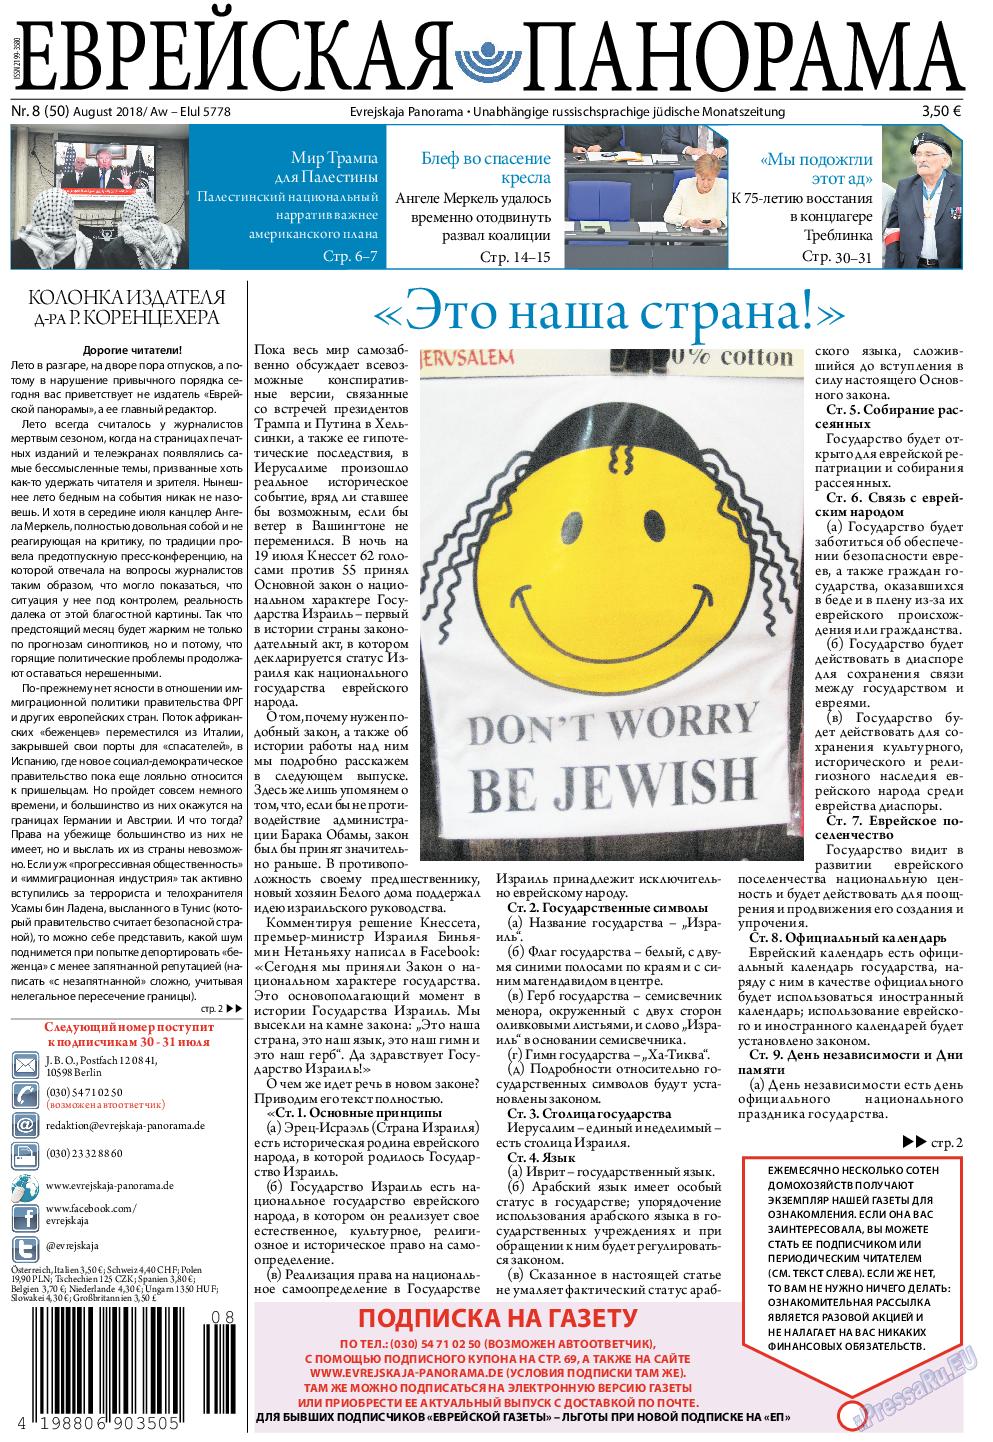 Еврейская панорама (газета). 2018 год, номер 8, стр. 1